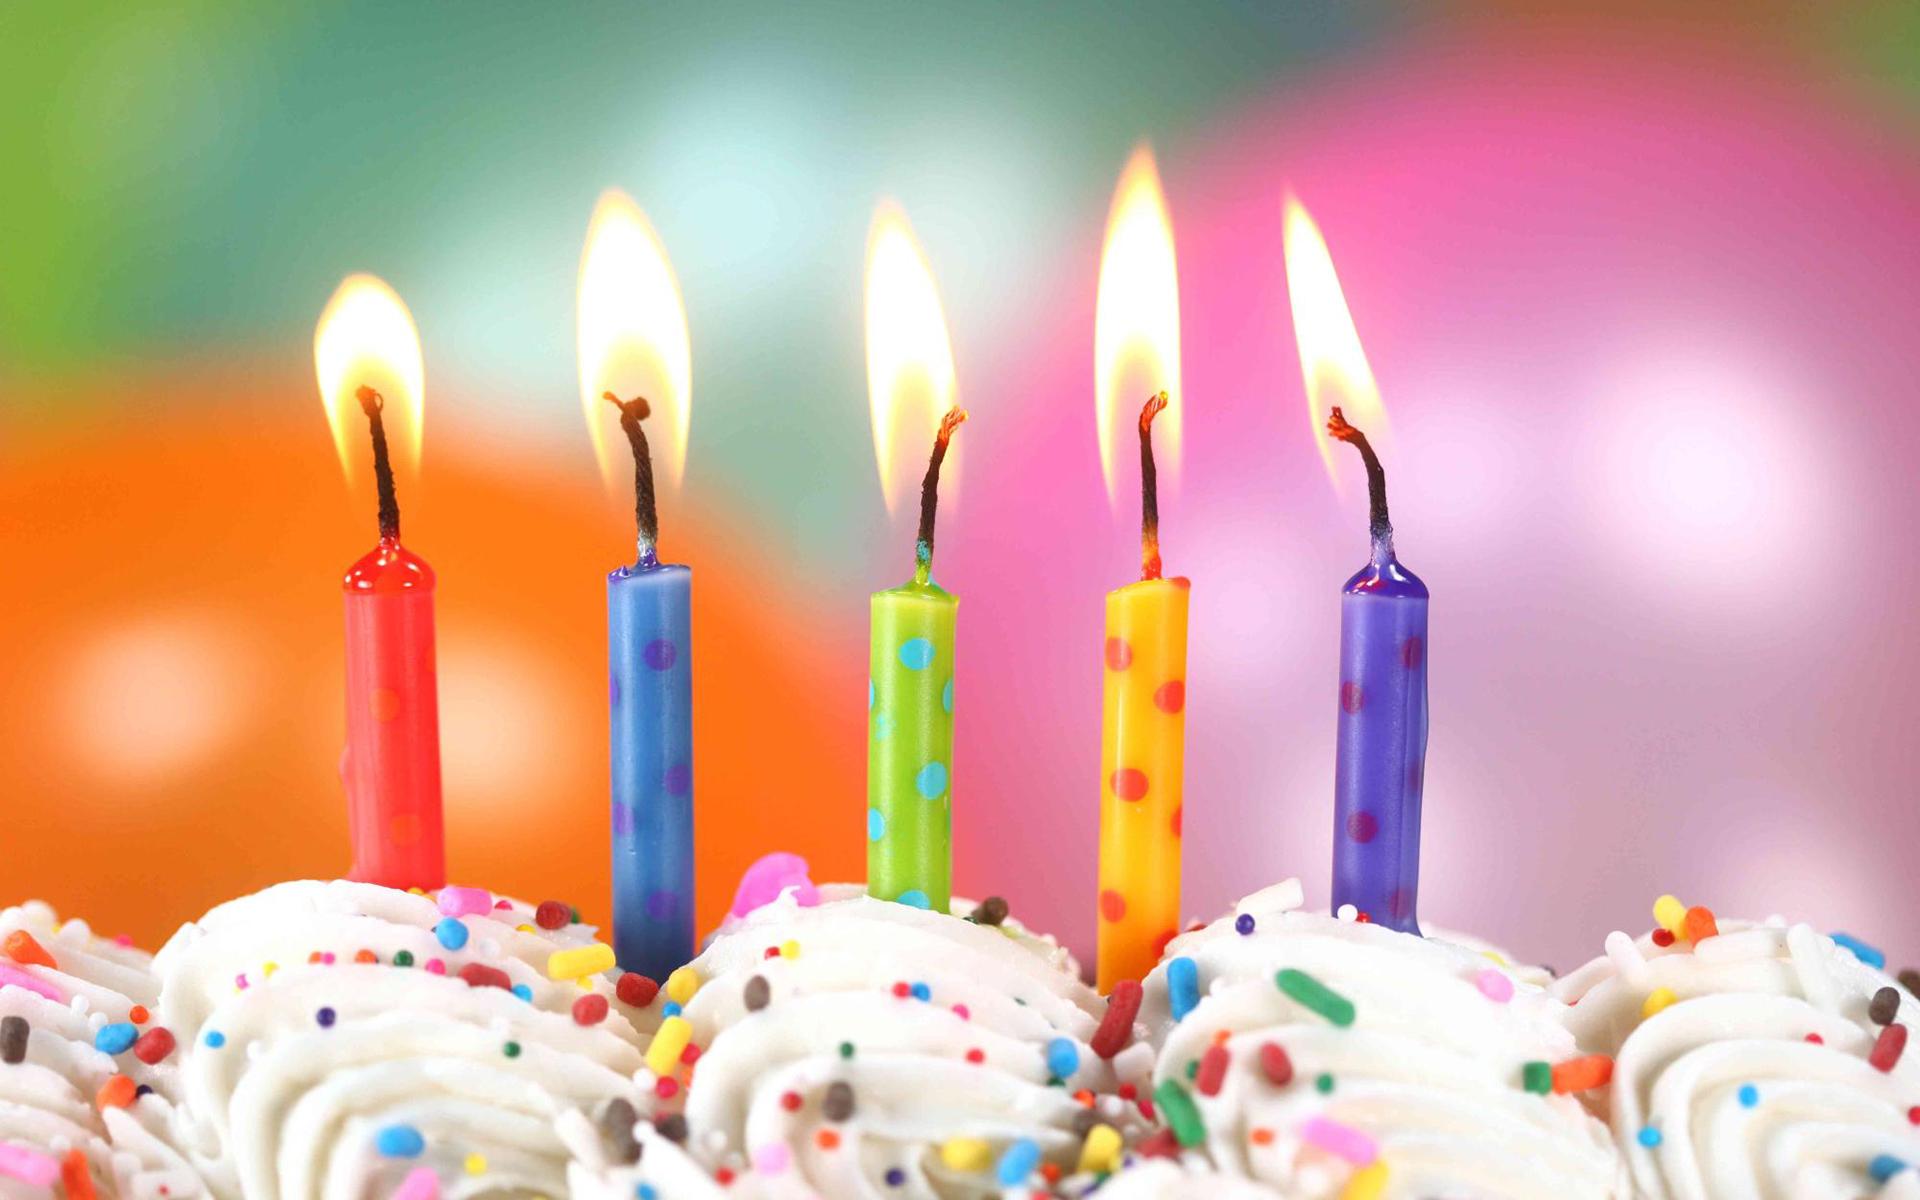 появились картинки с днем рождения торт со свечами и шарами буксира буквально замерял